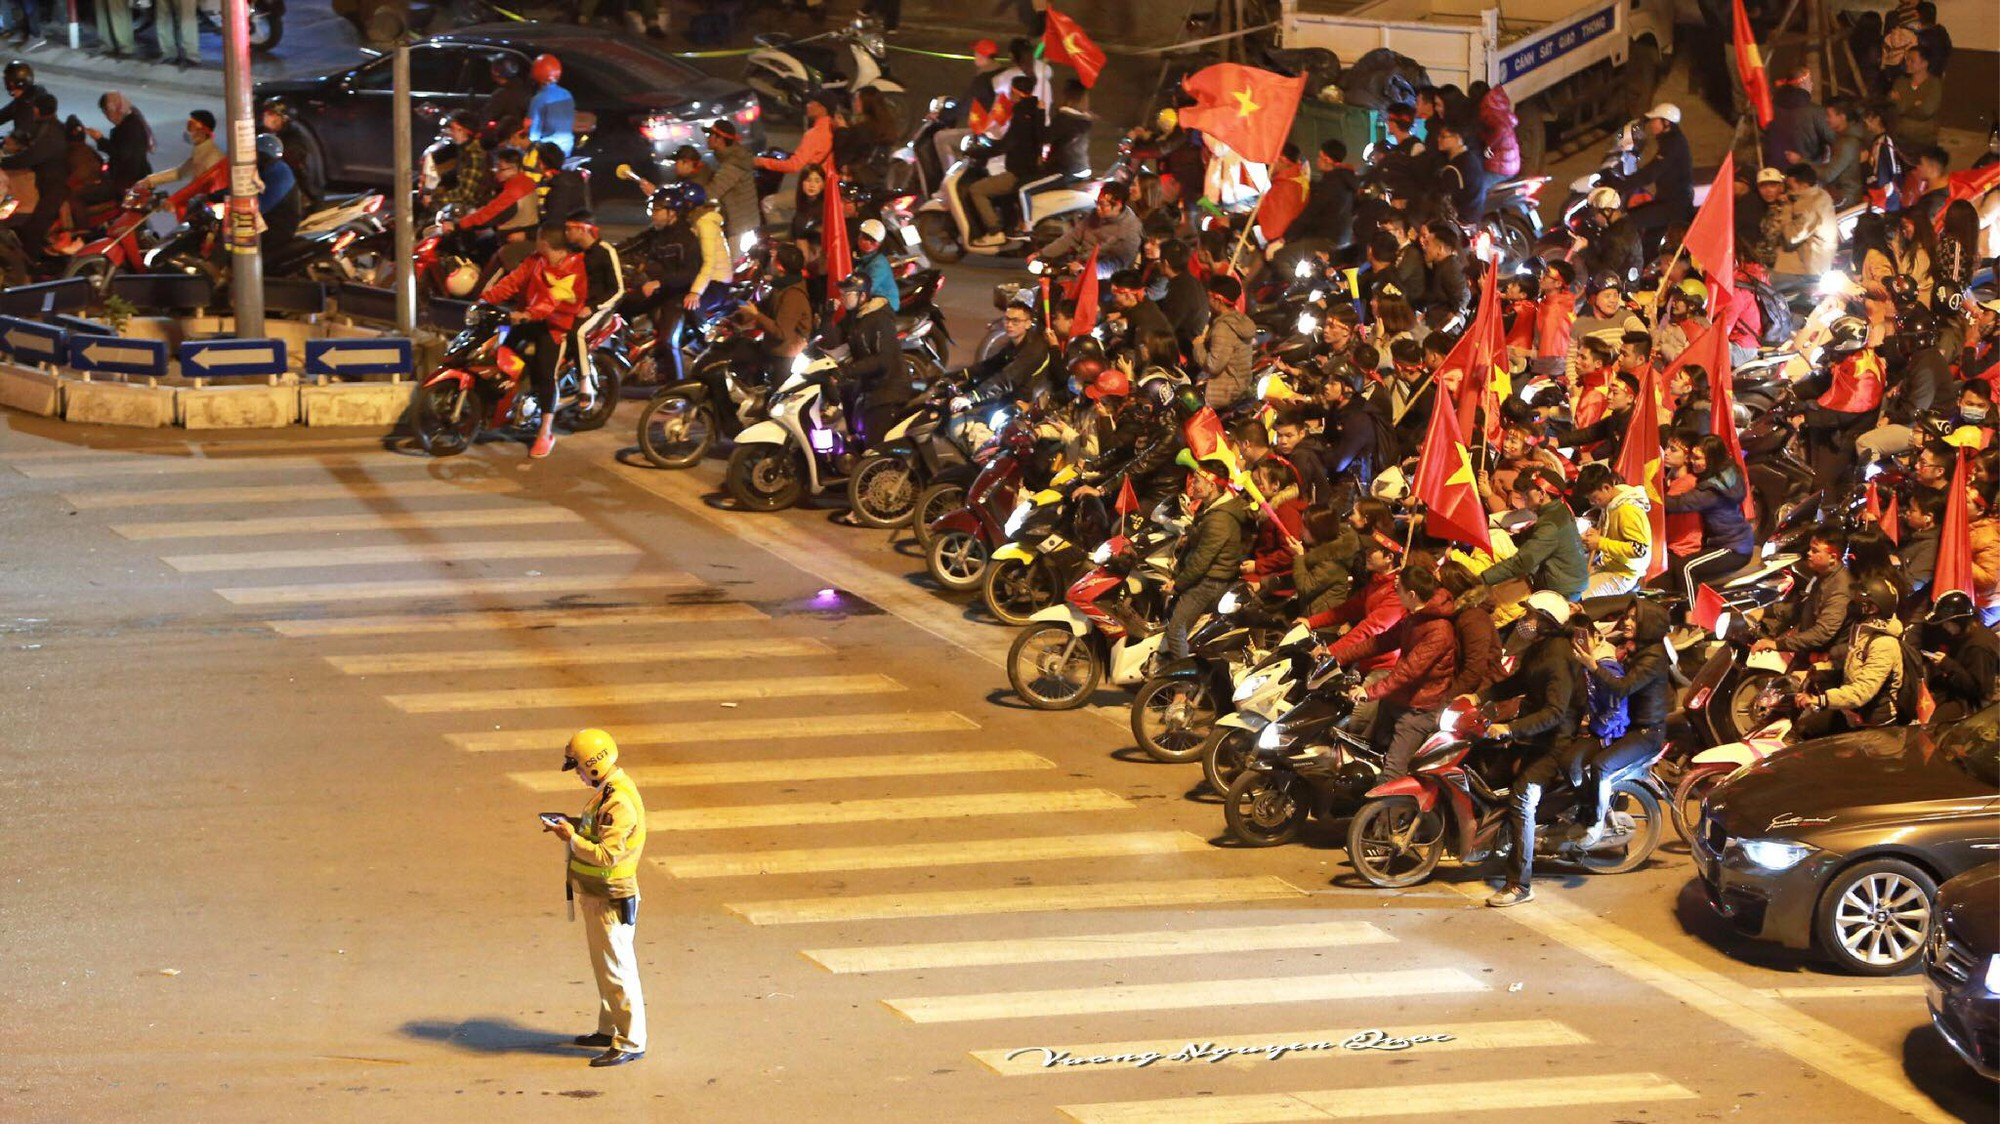 Những khoảnh khắc khó quên của hàng triệu người hâm mộ khi đội tuyển Việt Nam vô địch AFF Cup 2018 - Ảnh 14.